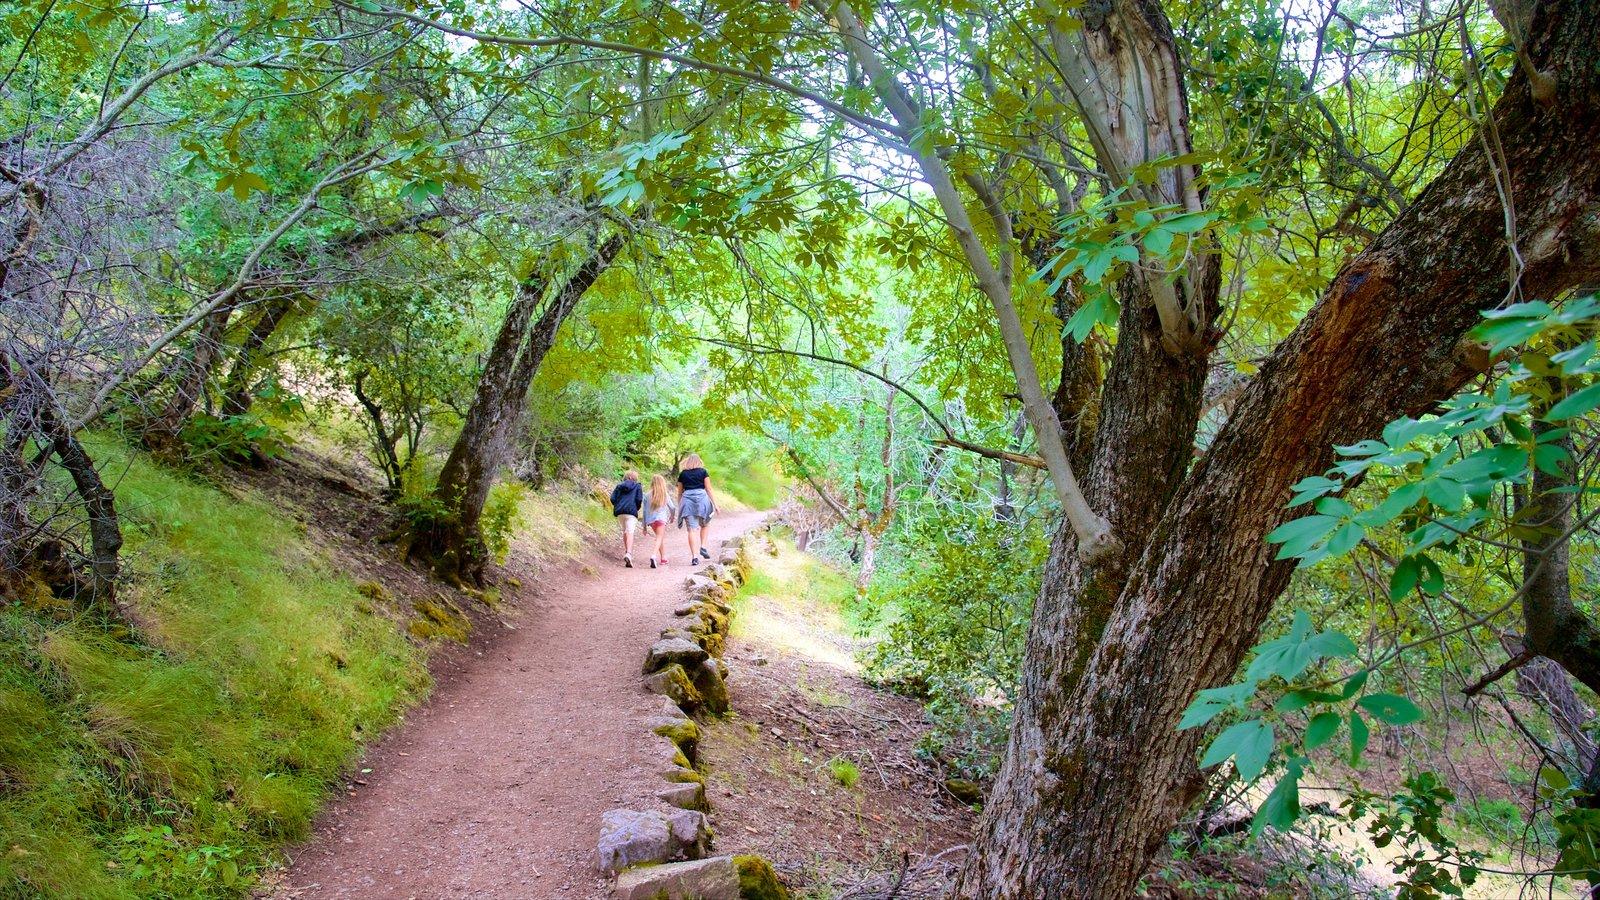 Pinnacles National Park que inclui floresta tropical e escalada ou caminhada assim como um pequeno grupo de pessoas